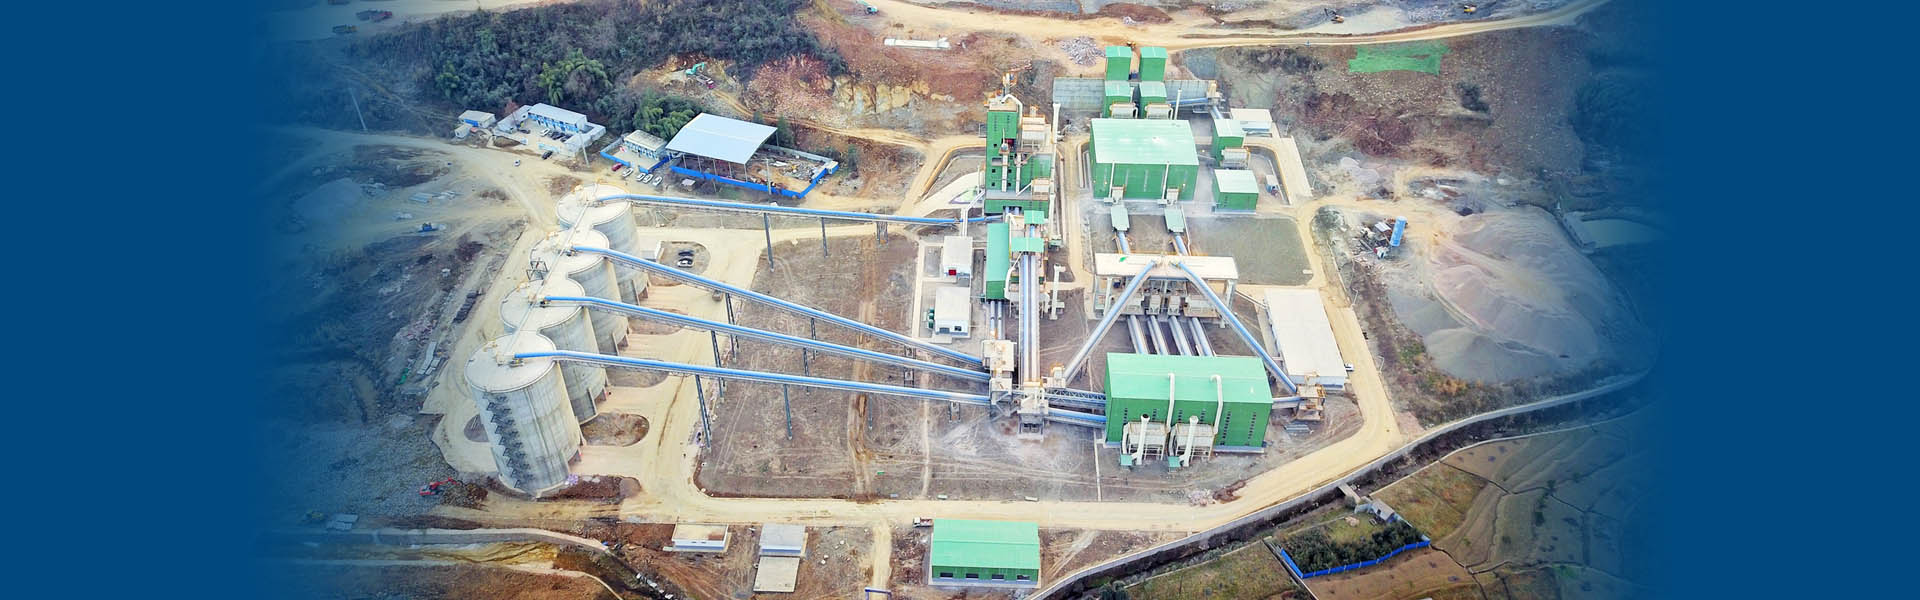 華新(xin)水(shui)泥時產2000噸骨料生產EPCO項目(mu)